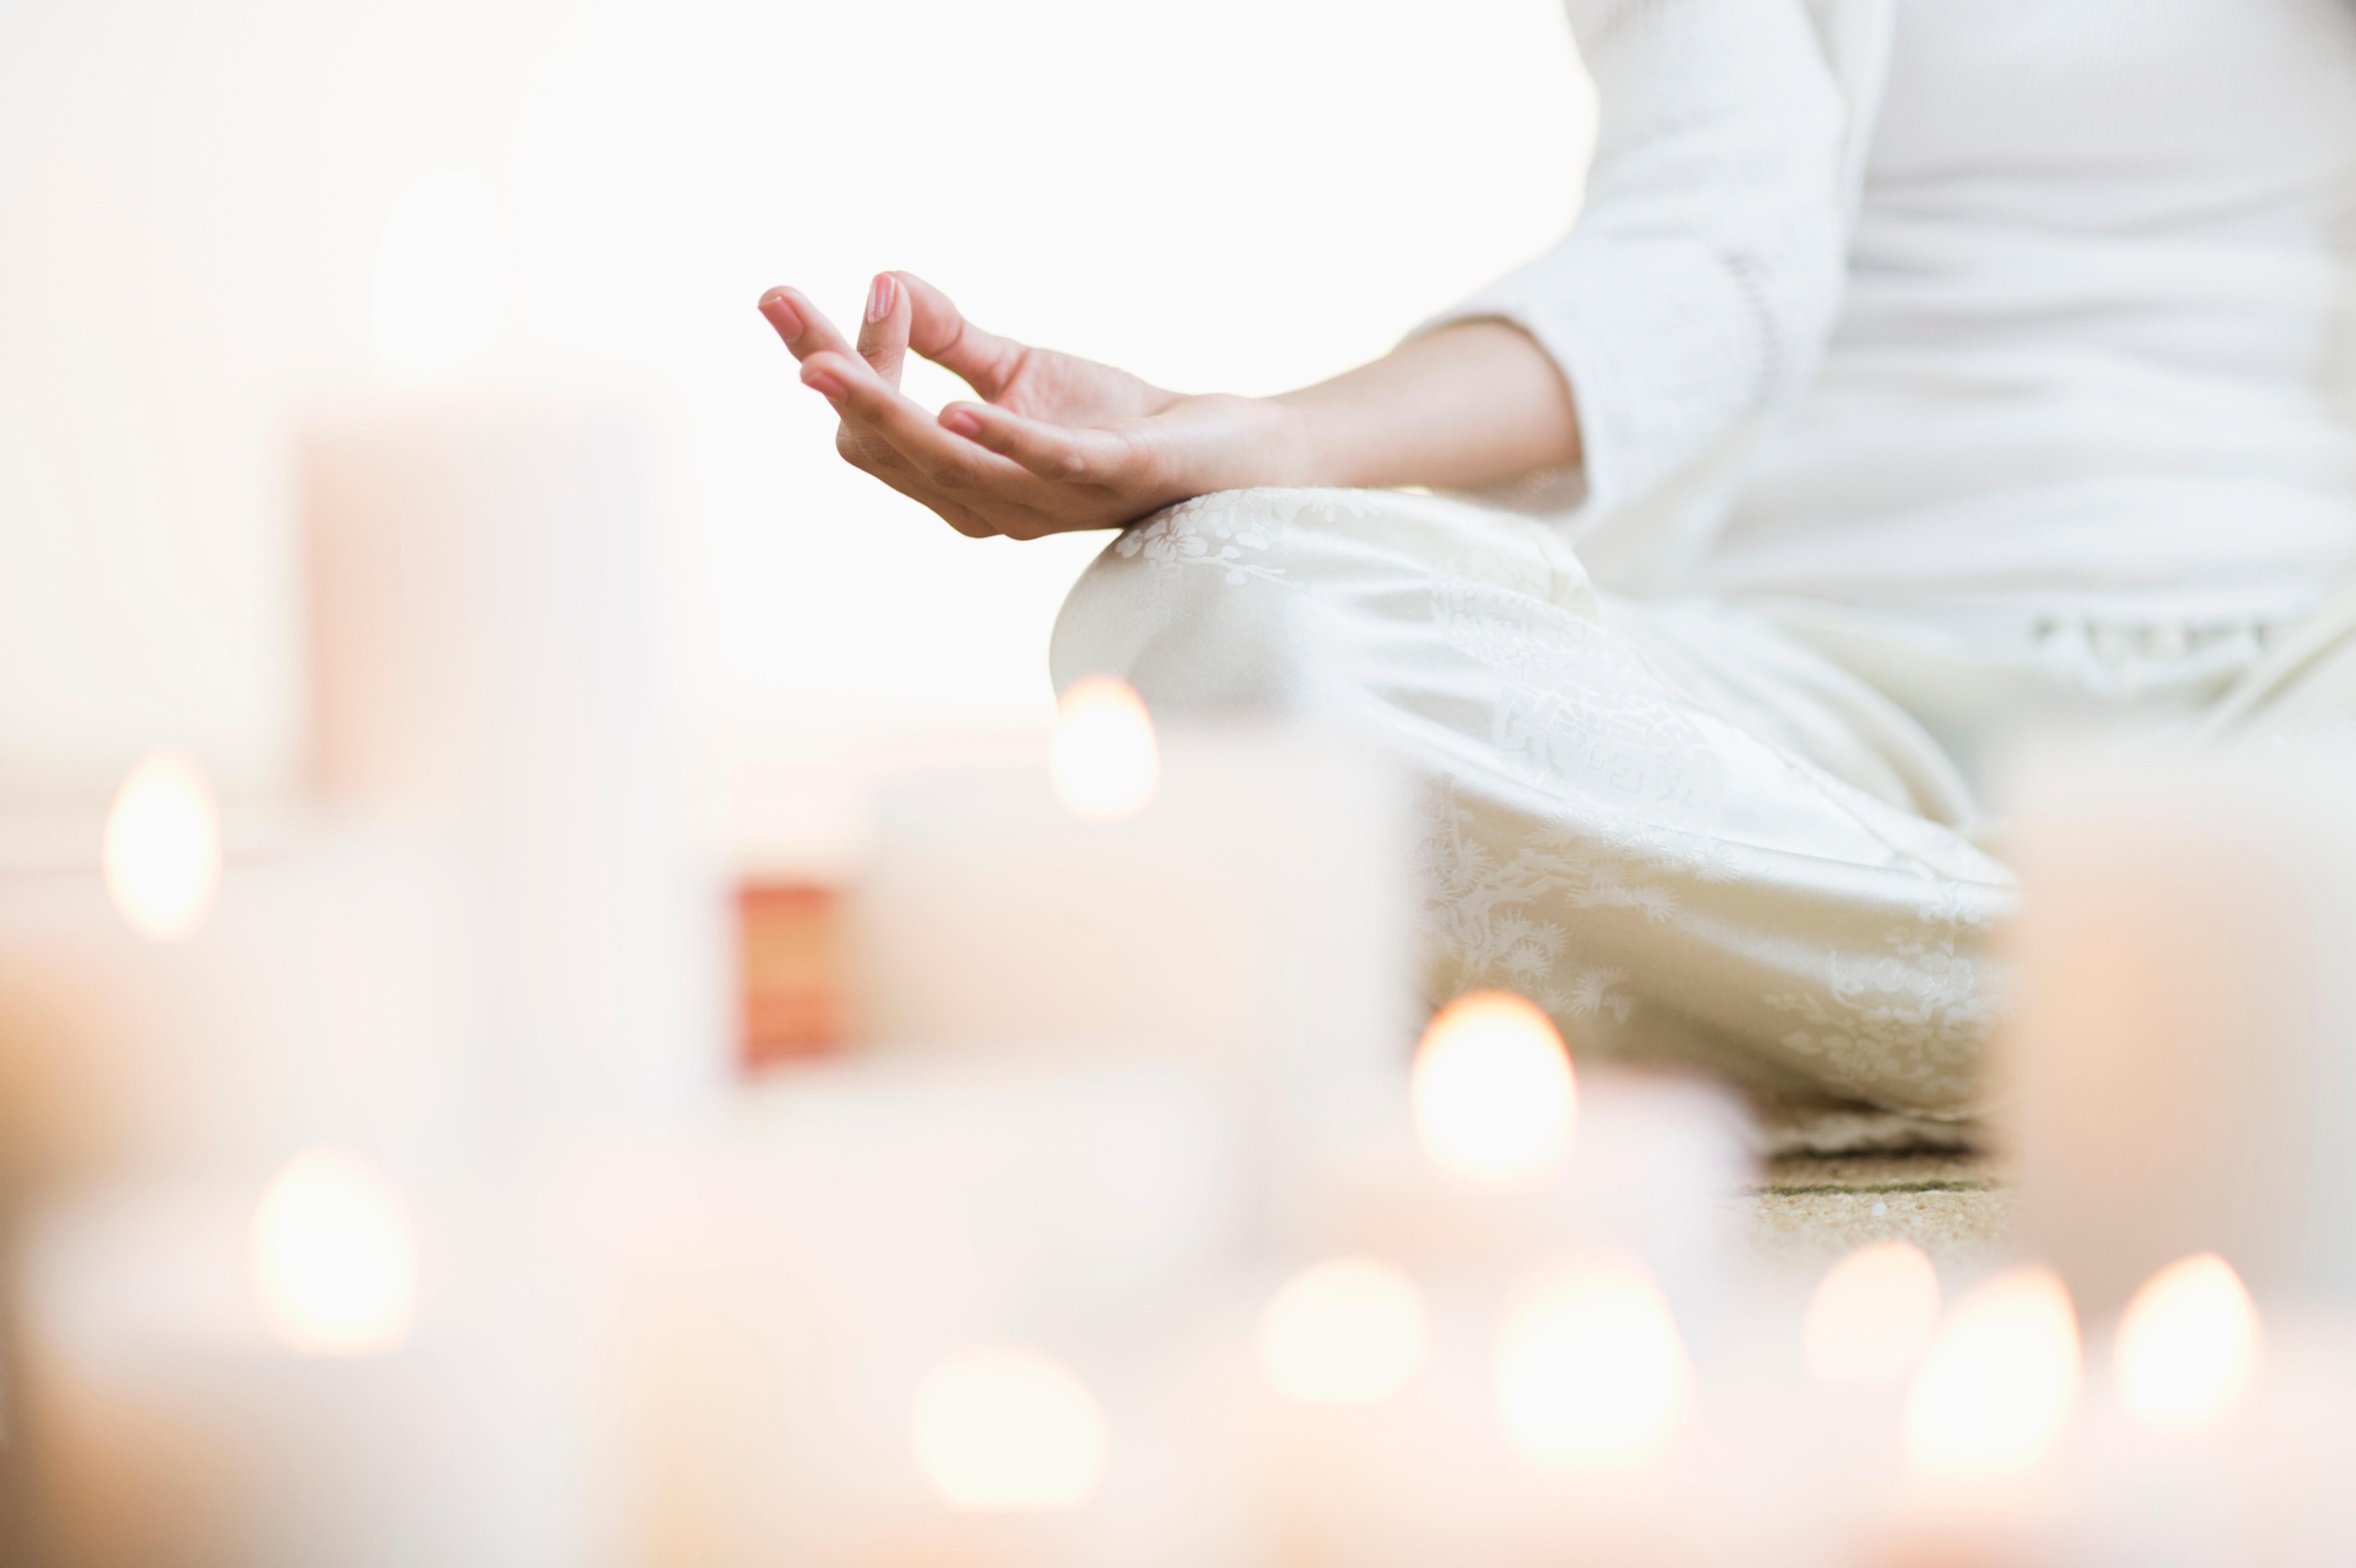 Séances de méditation guidées - adultes